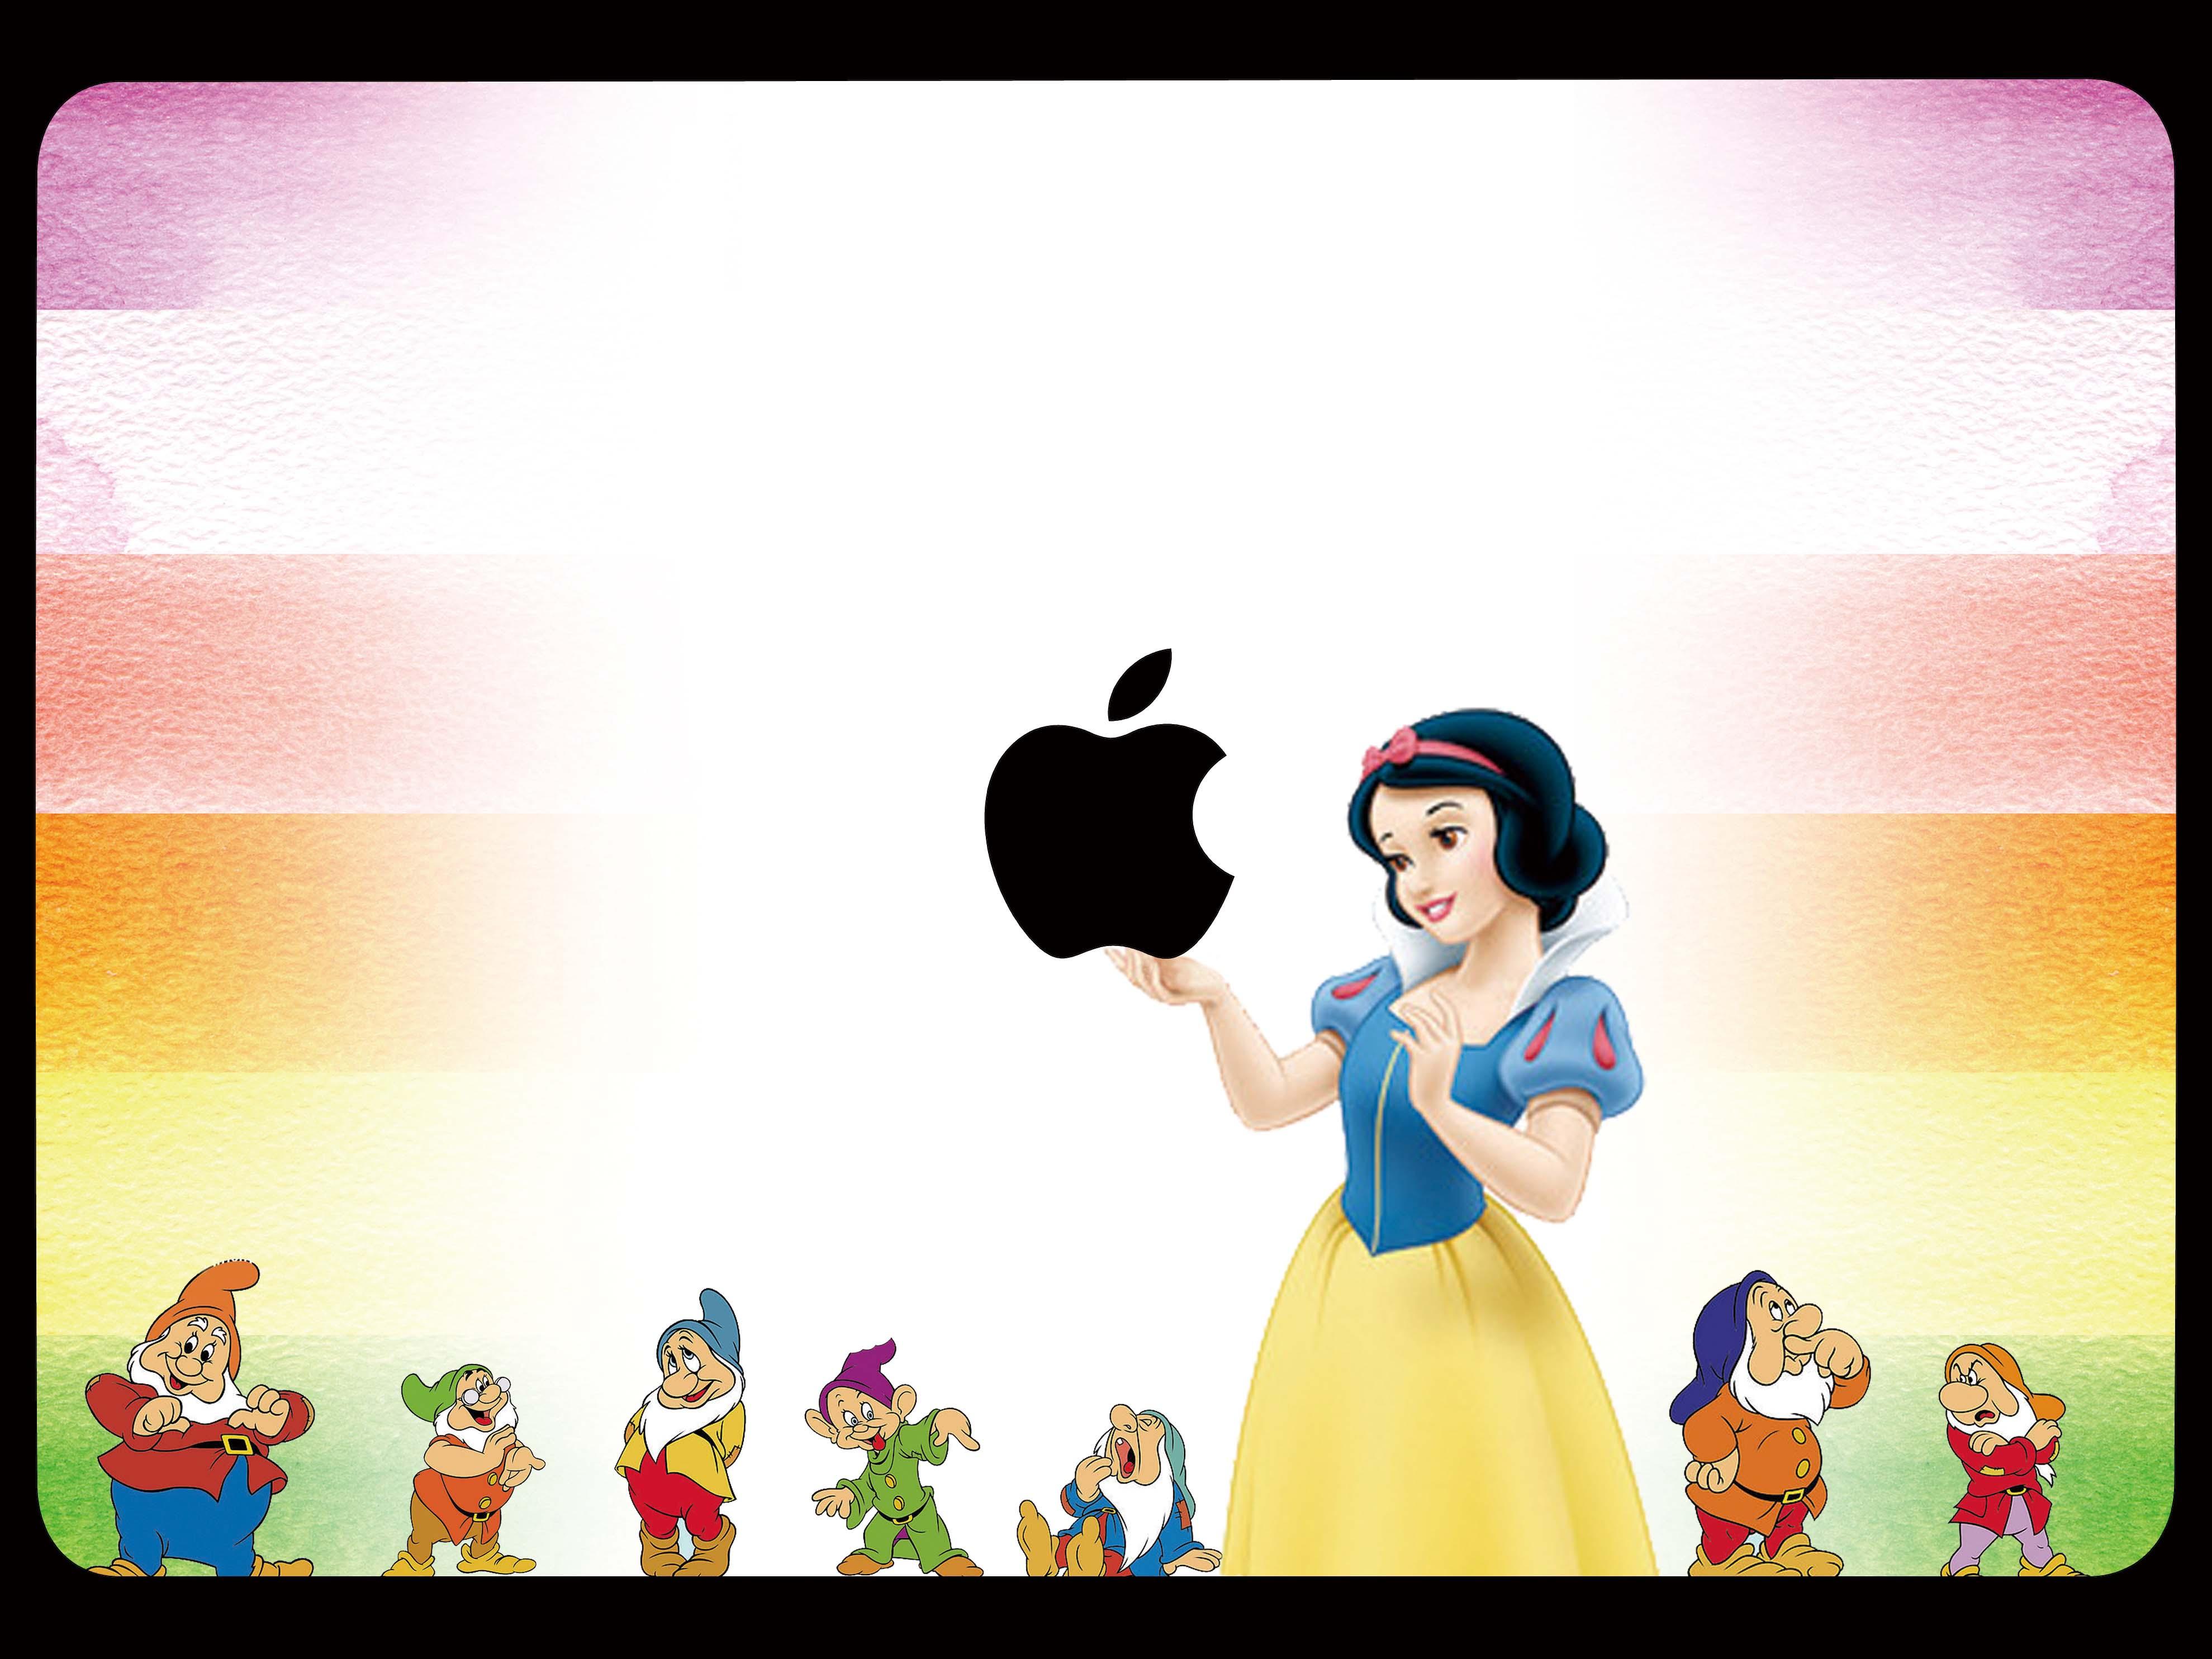 《格林童话》中的《白雪公主》作为流传